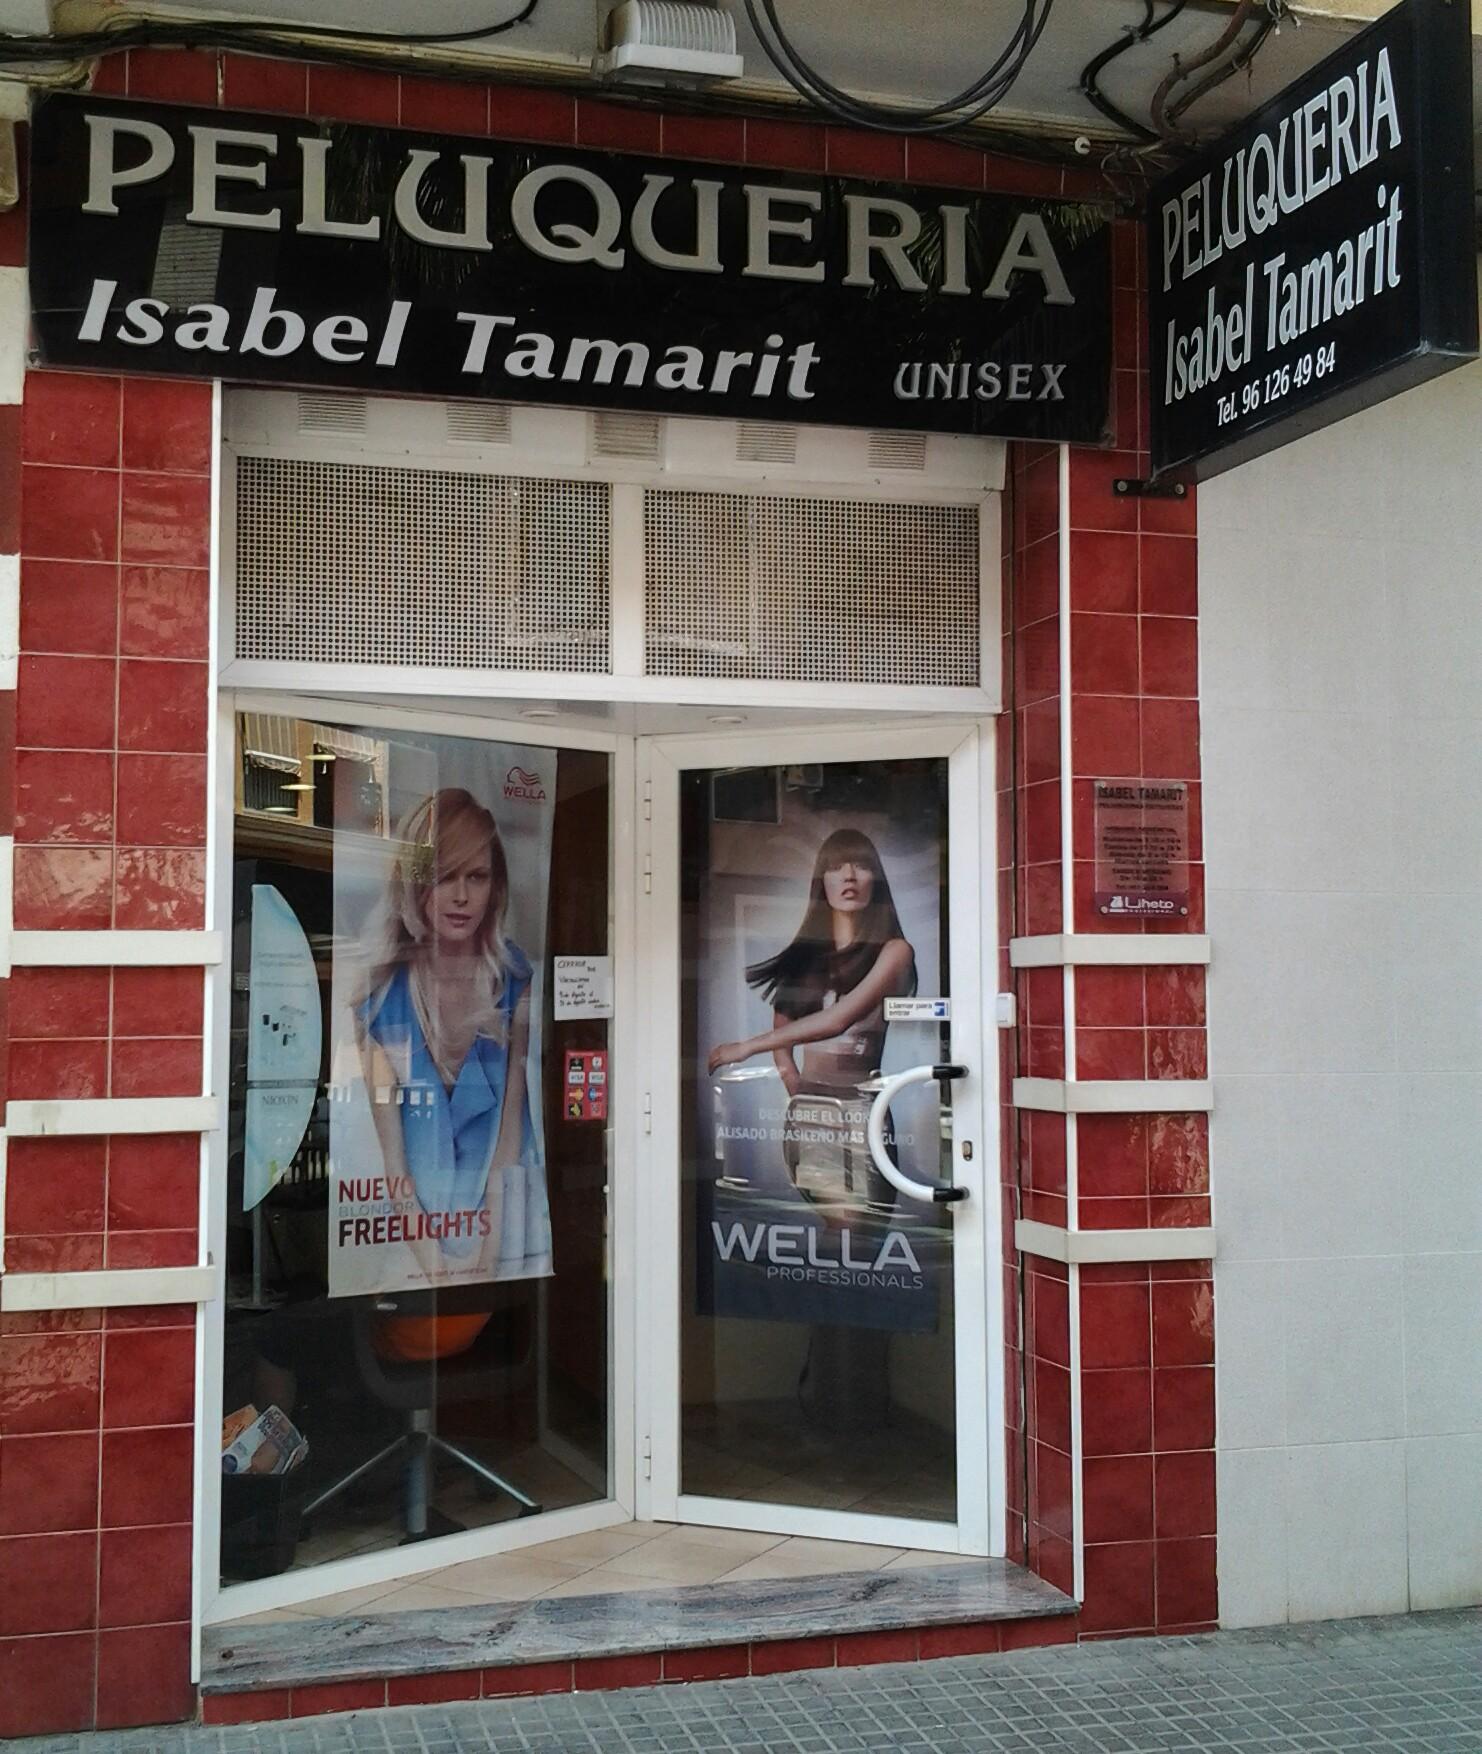 PELUQUERIA ISABEL TAMARIT, S.L.